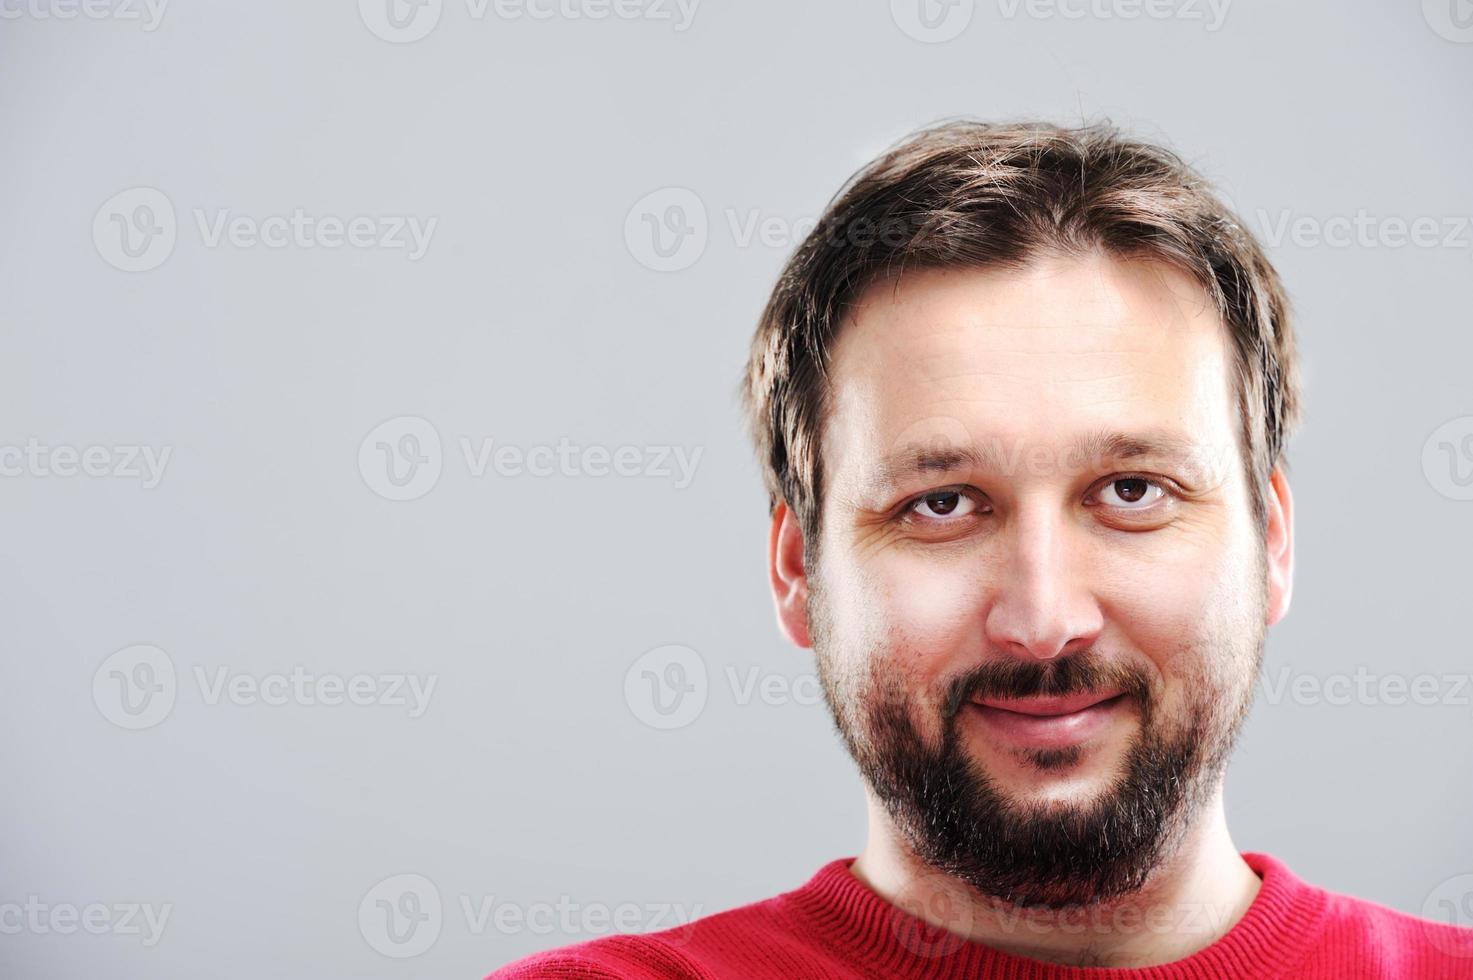 ritratto di giovane uomo foto